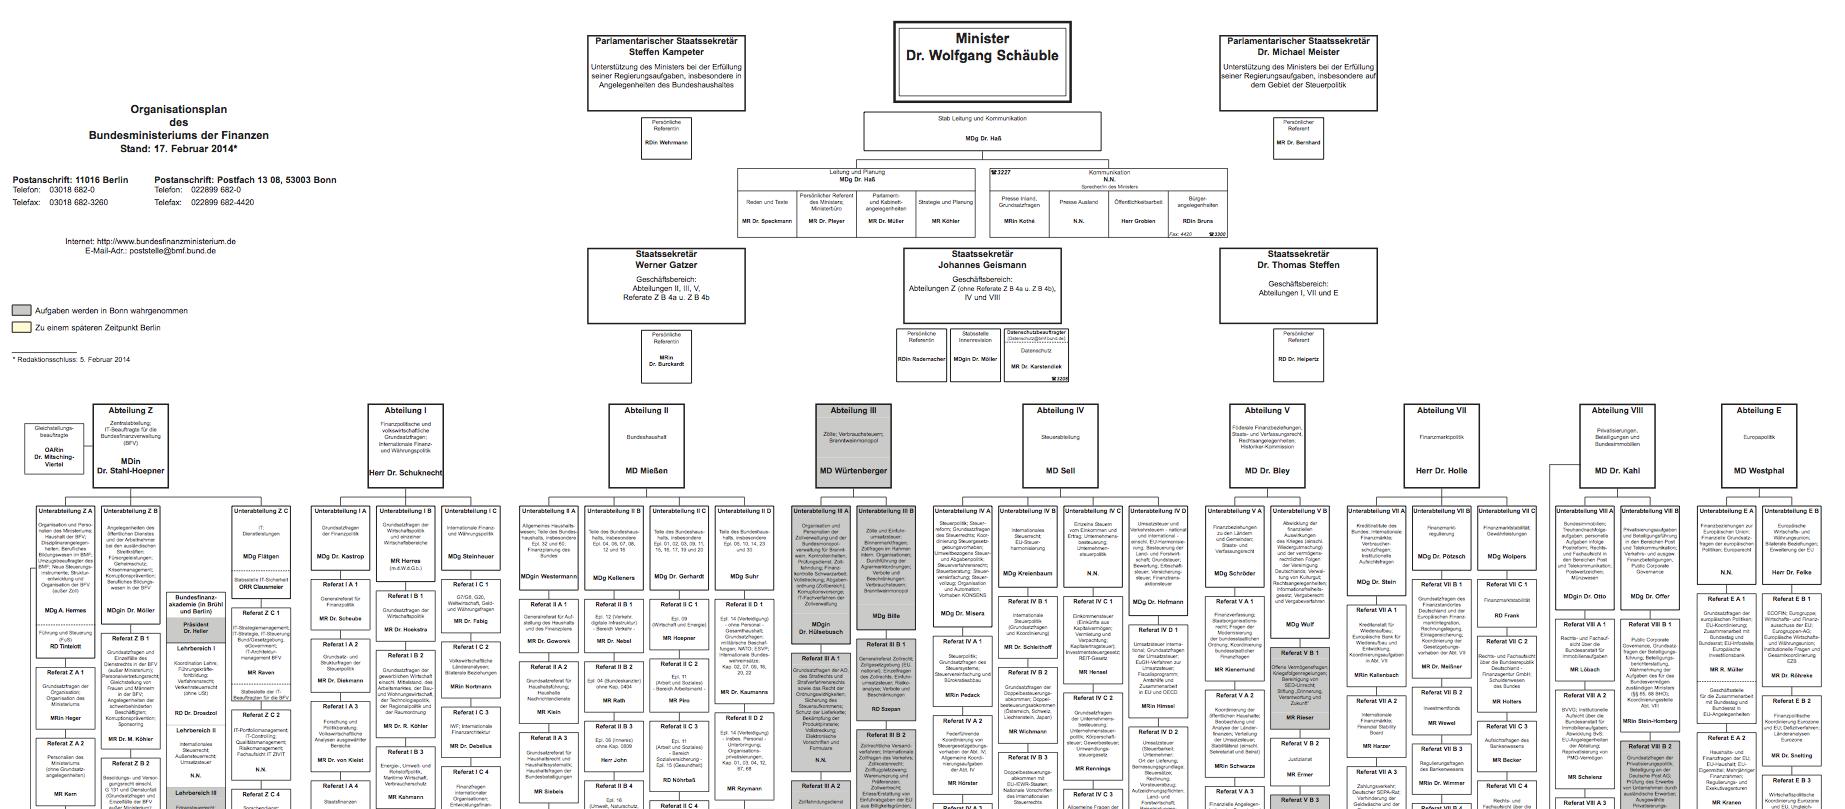 Organigramm des BMF. Bild: BMF